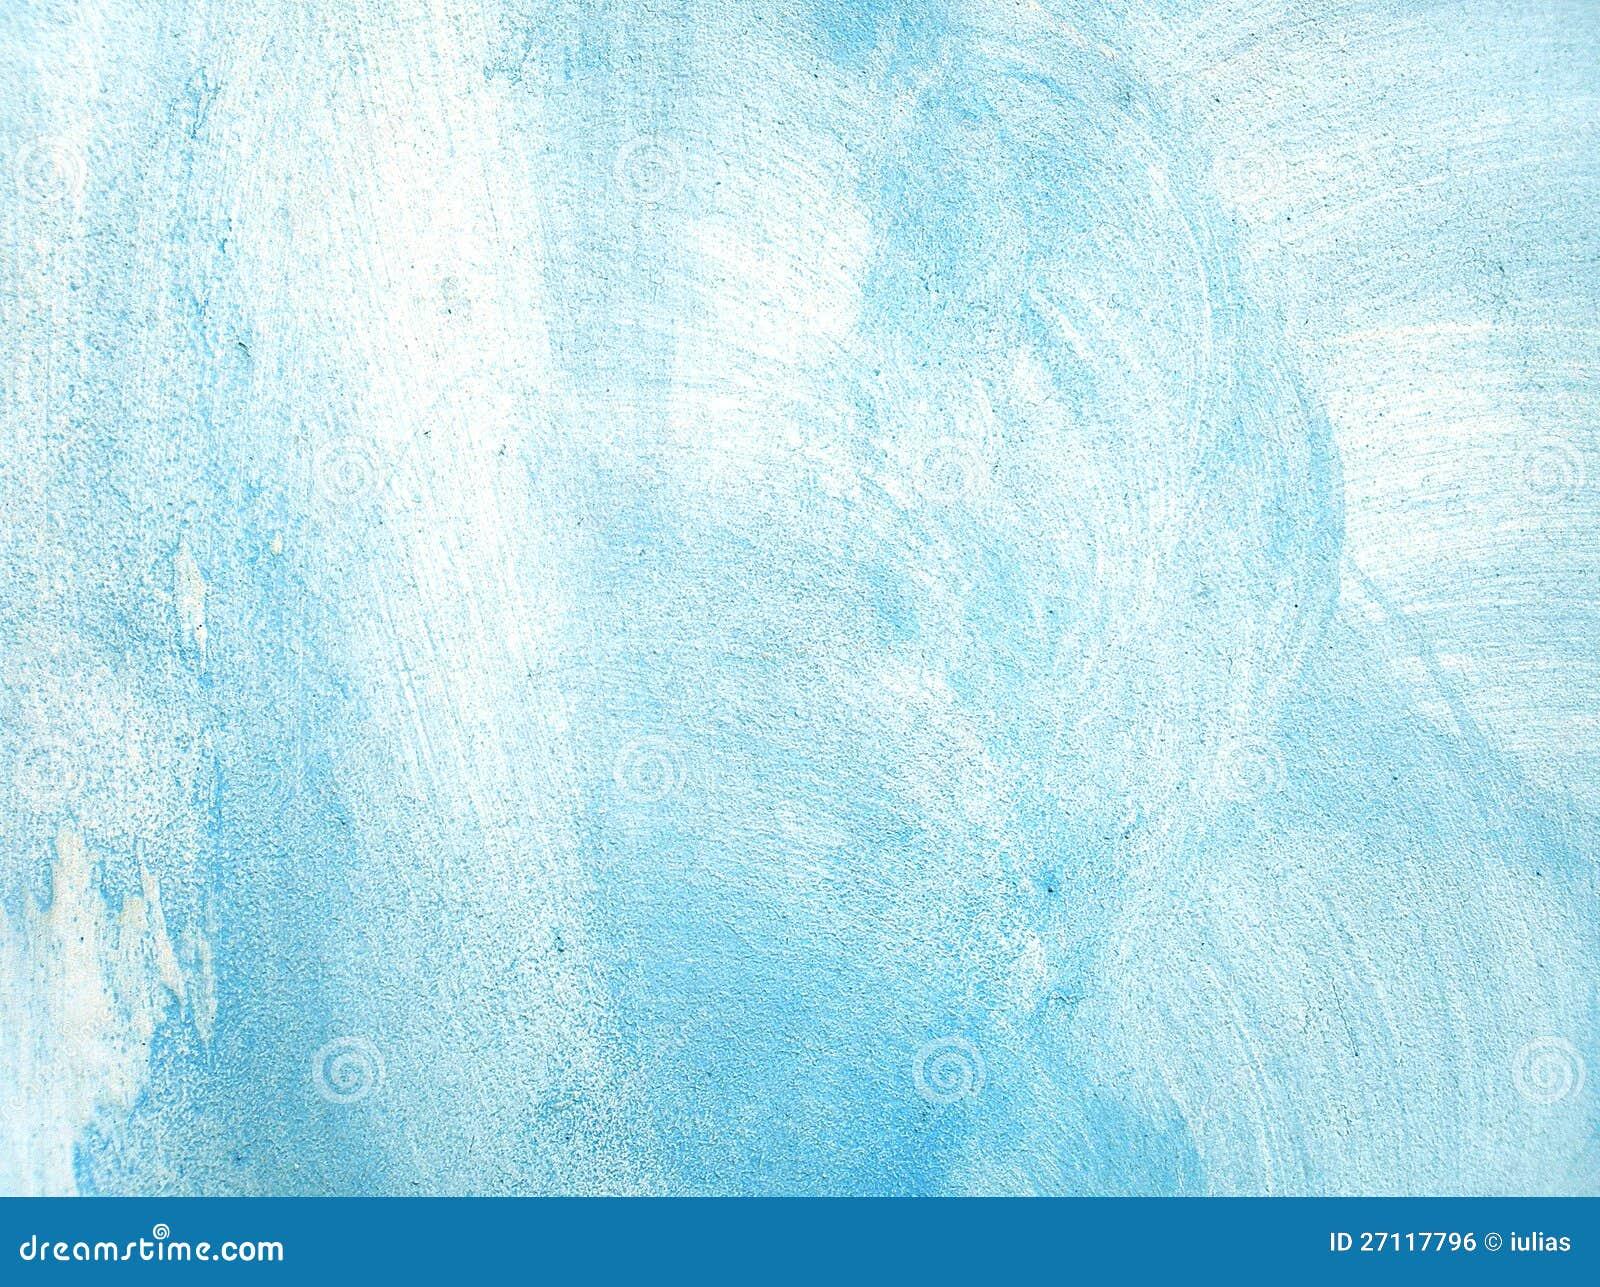 Textura desgastada azul de la pared del yeso foto de - Color azul verdoso para paredes ...